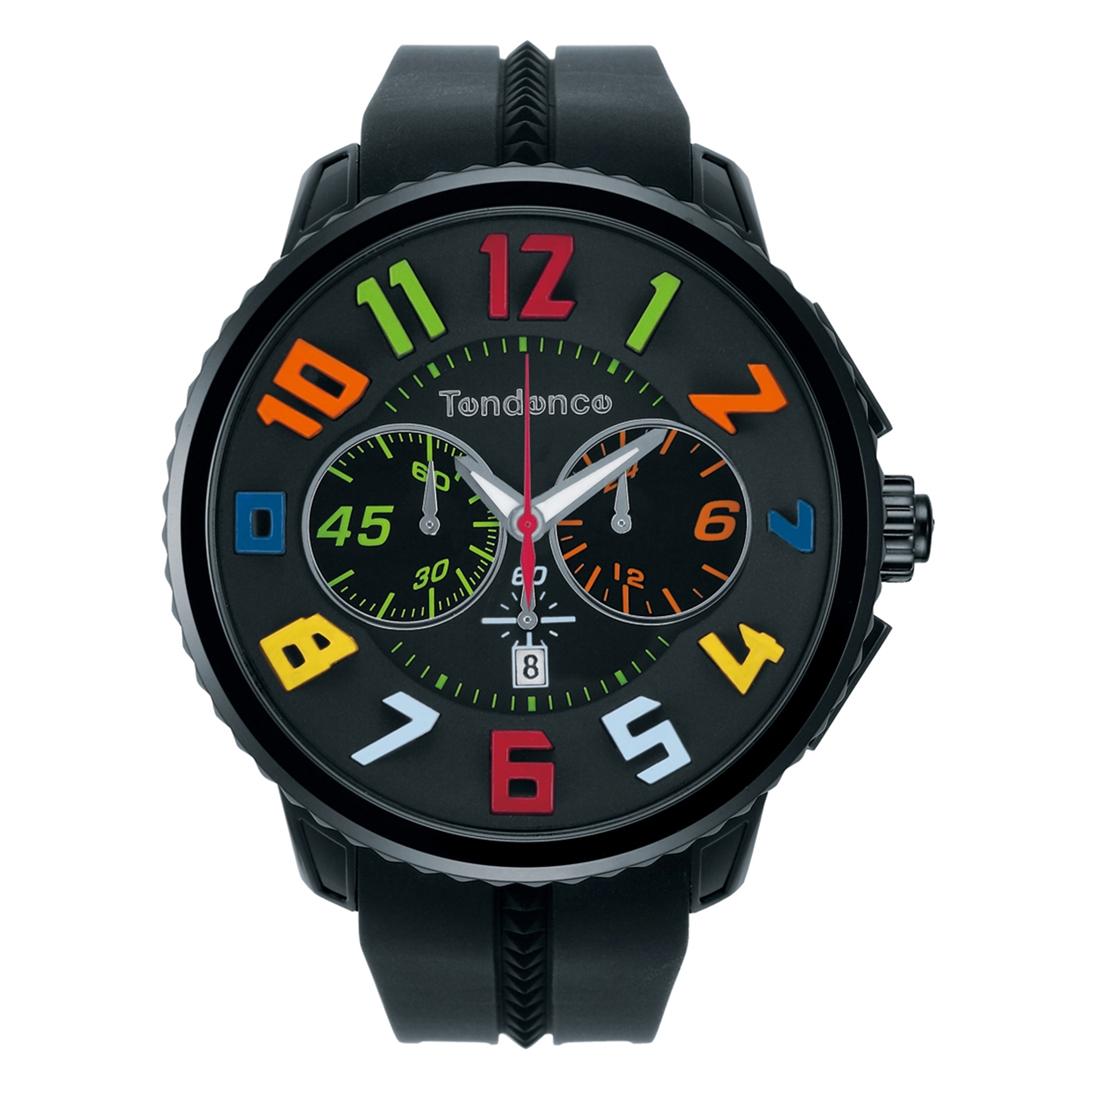 【今ならオーバーサイズノートプレゼント】 テンデンス Tendence TY460610 ガリバー ラウンド レインボー クロノグラフ 日本限定モデル 正規品 腕時計